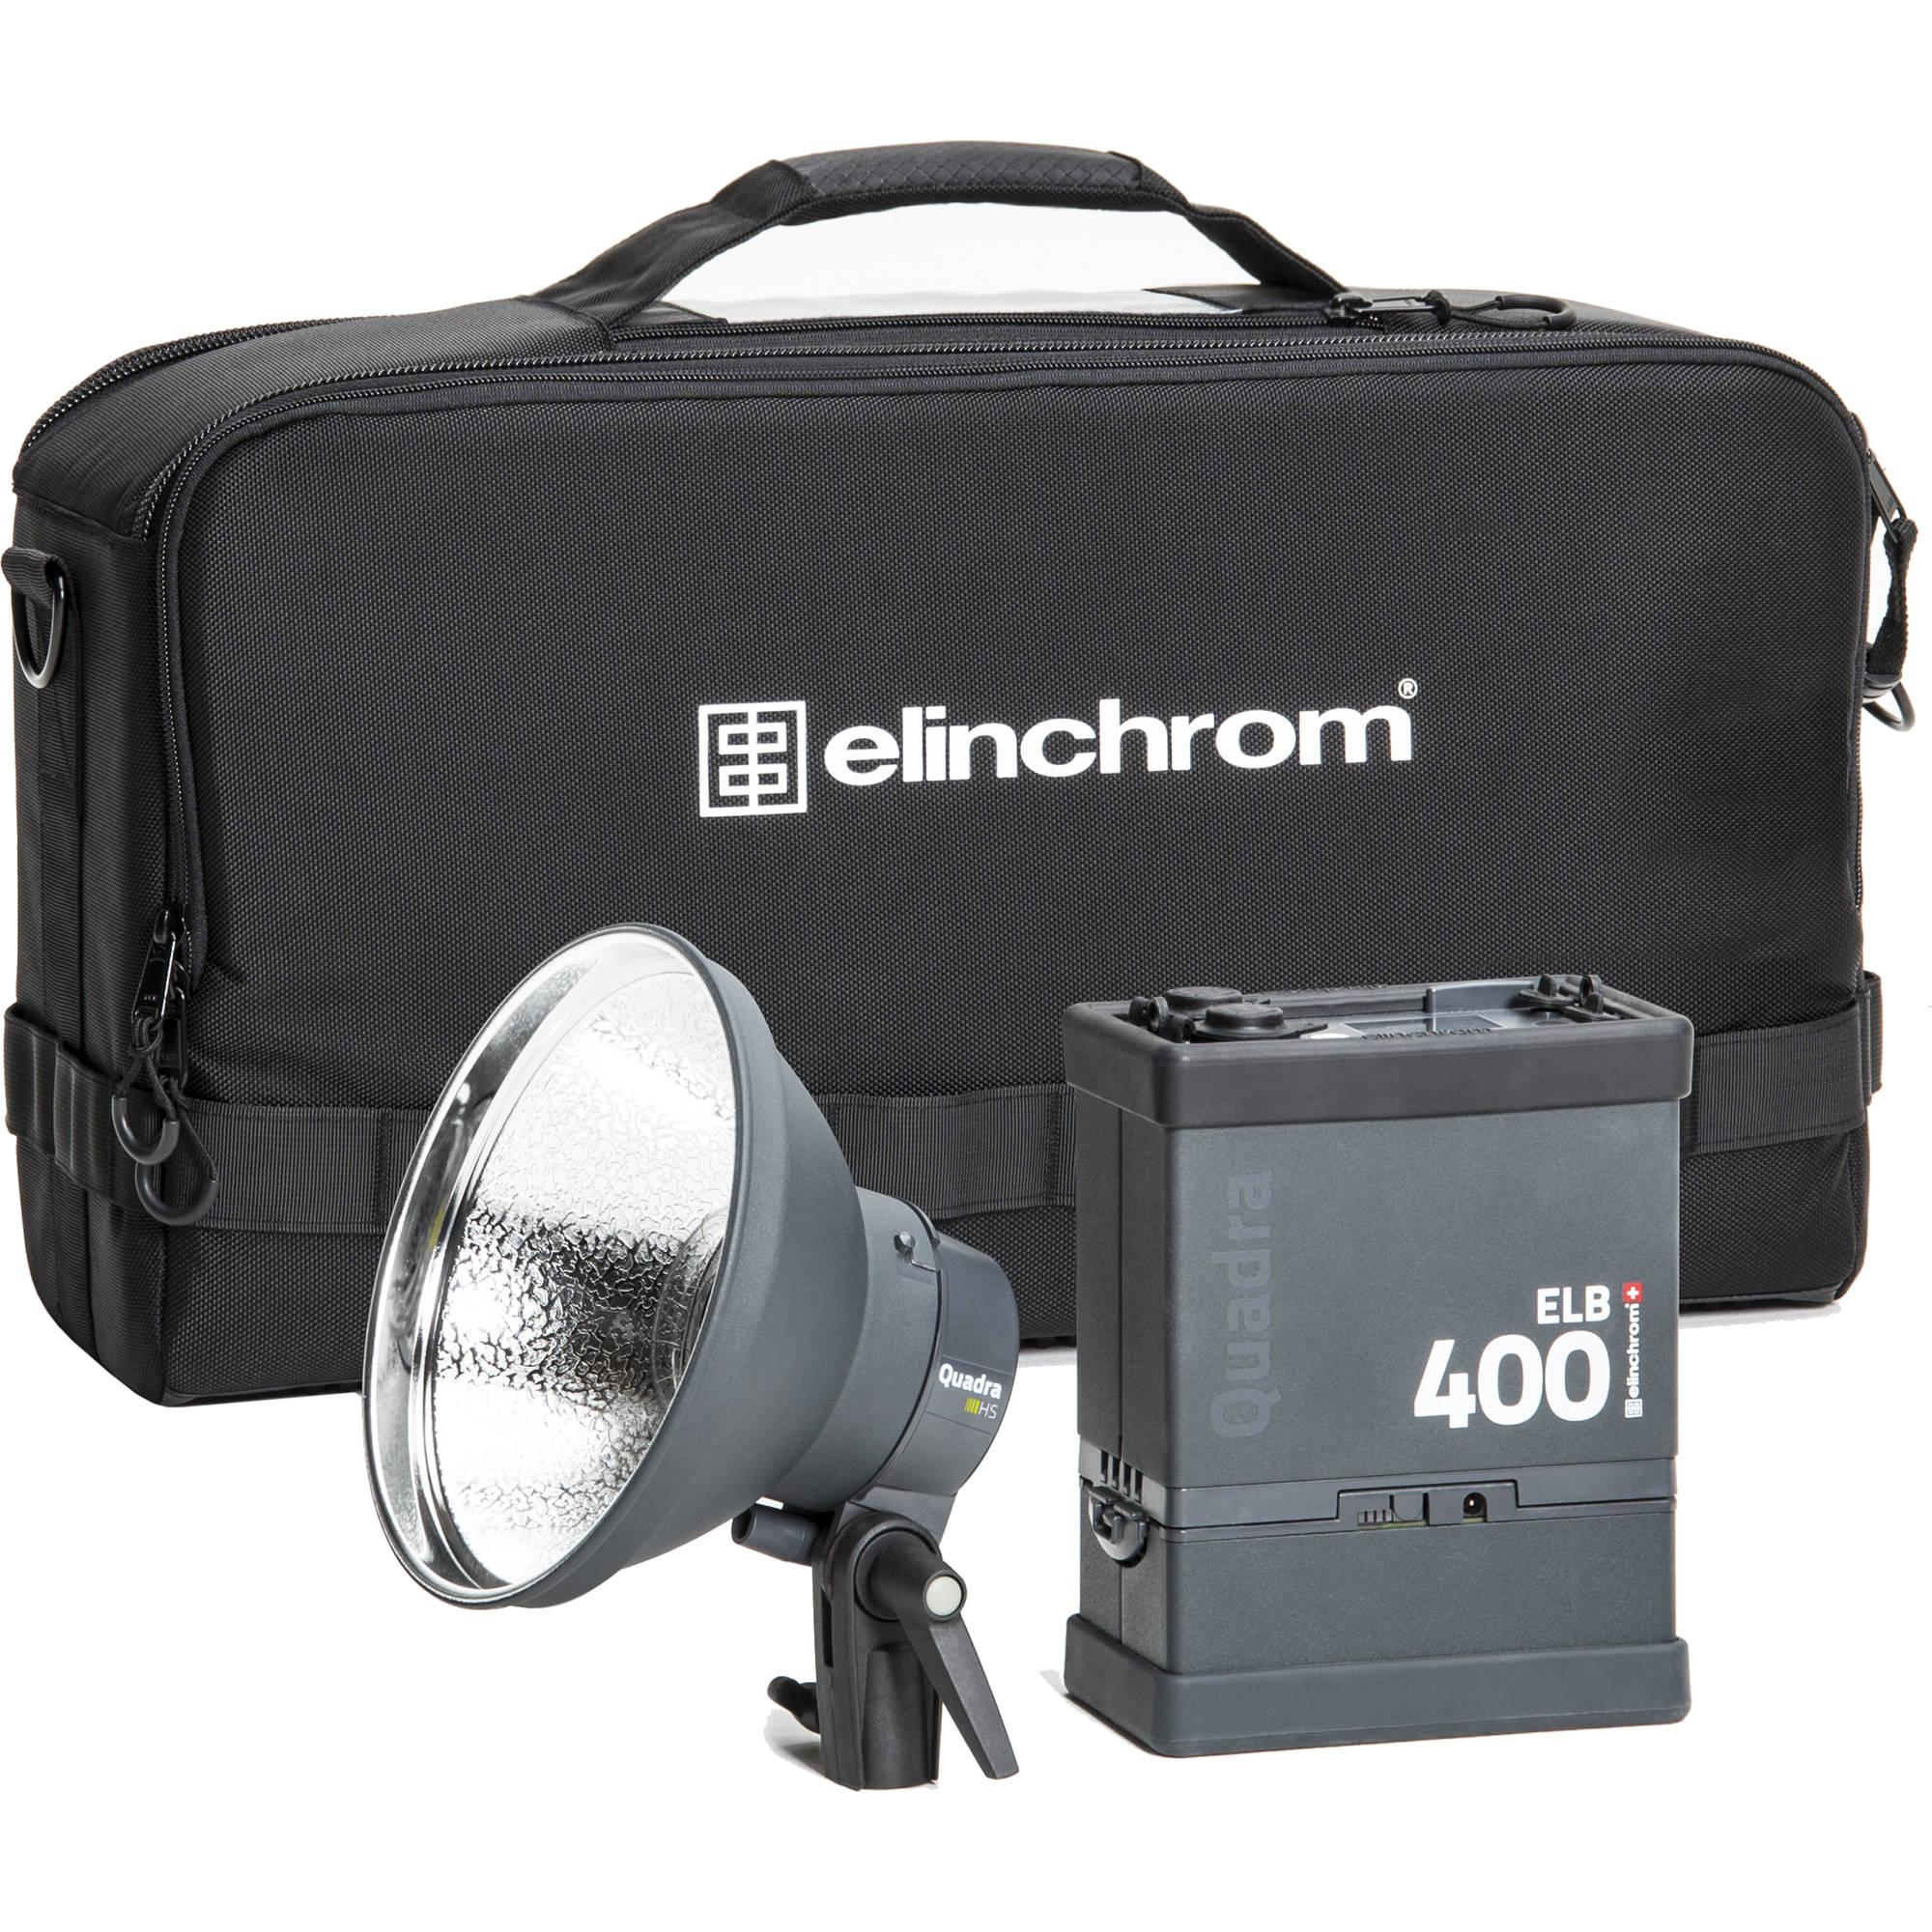 Elinchrom ELB 400 Hi-Sync To Go Kit  sc 1 st  Bu0026H & Battery-Powered Strobe Light Kits | Bu0026H Photo Video azcodes.com